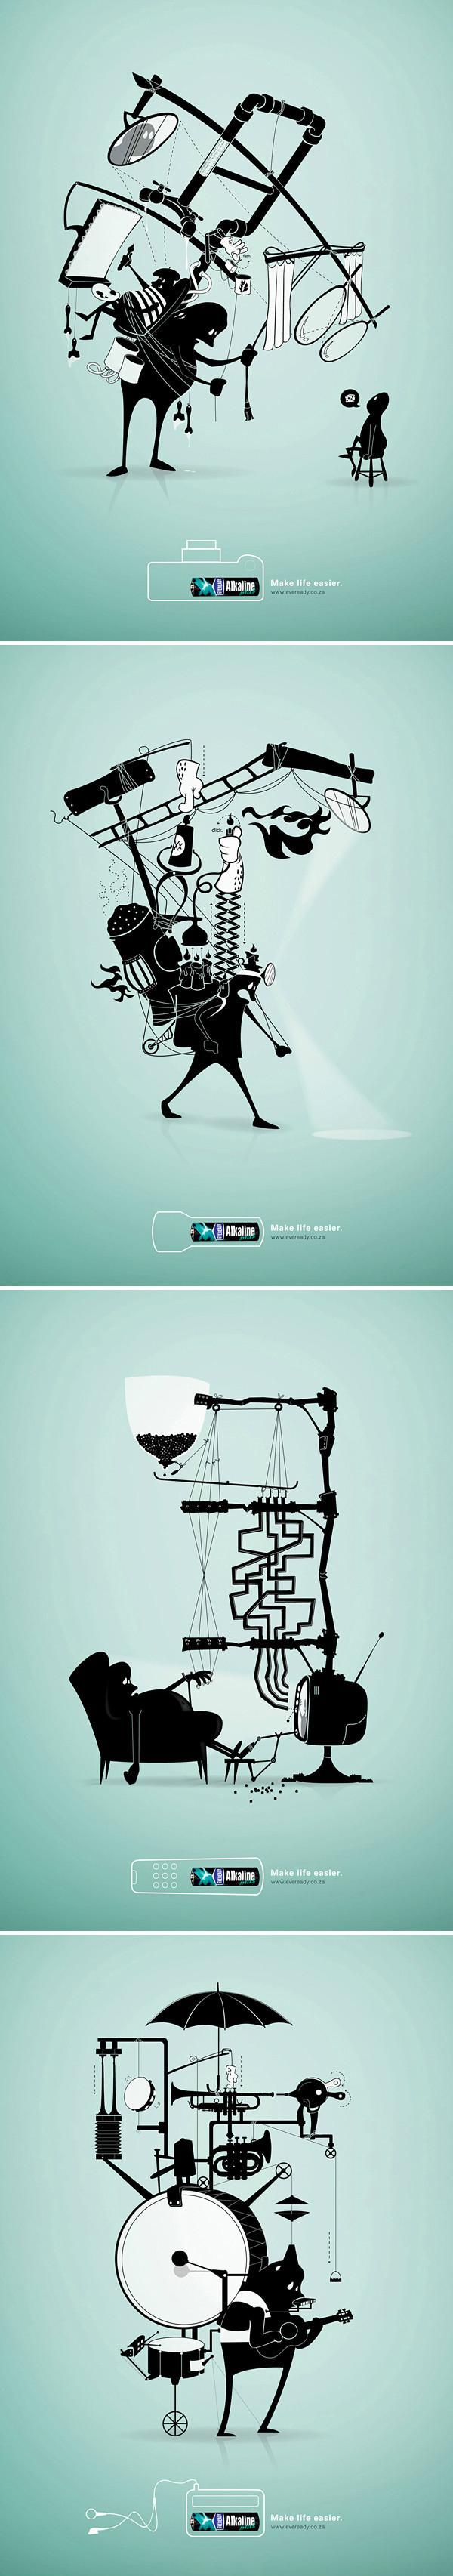 电池创意海报设计,如果没有电池